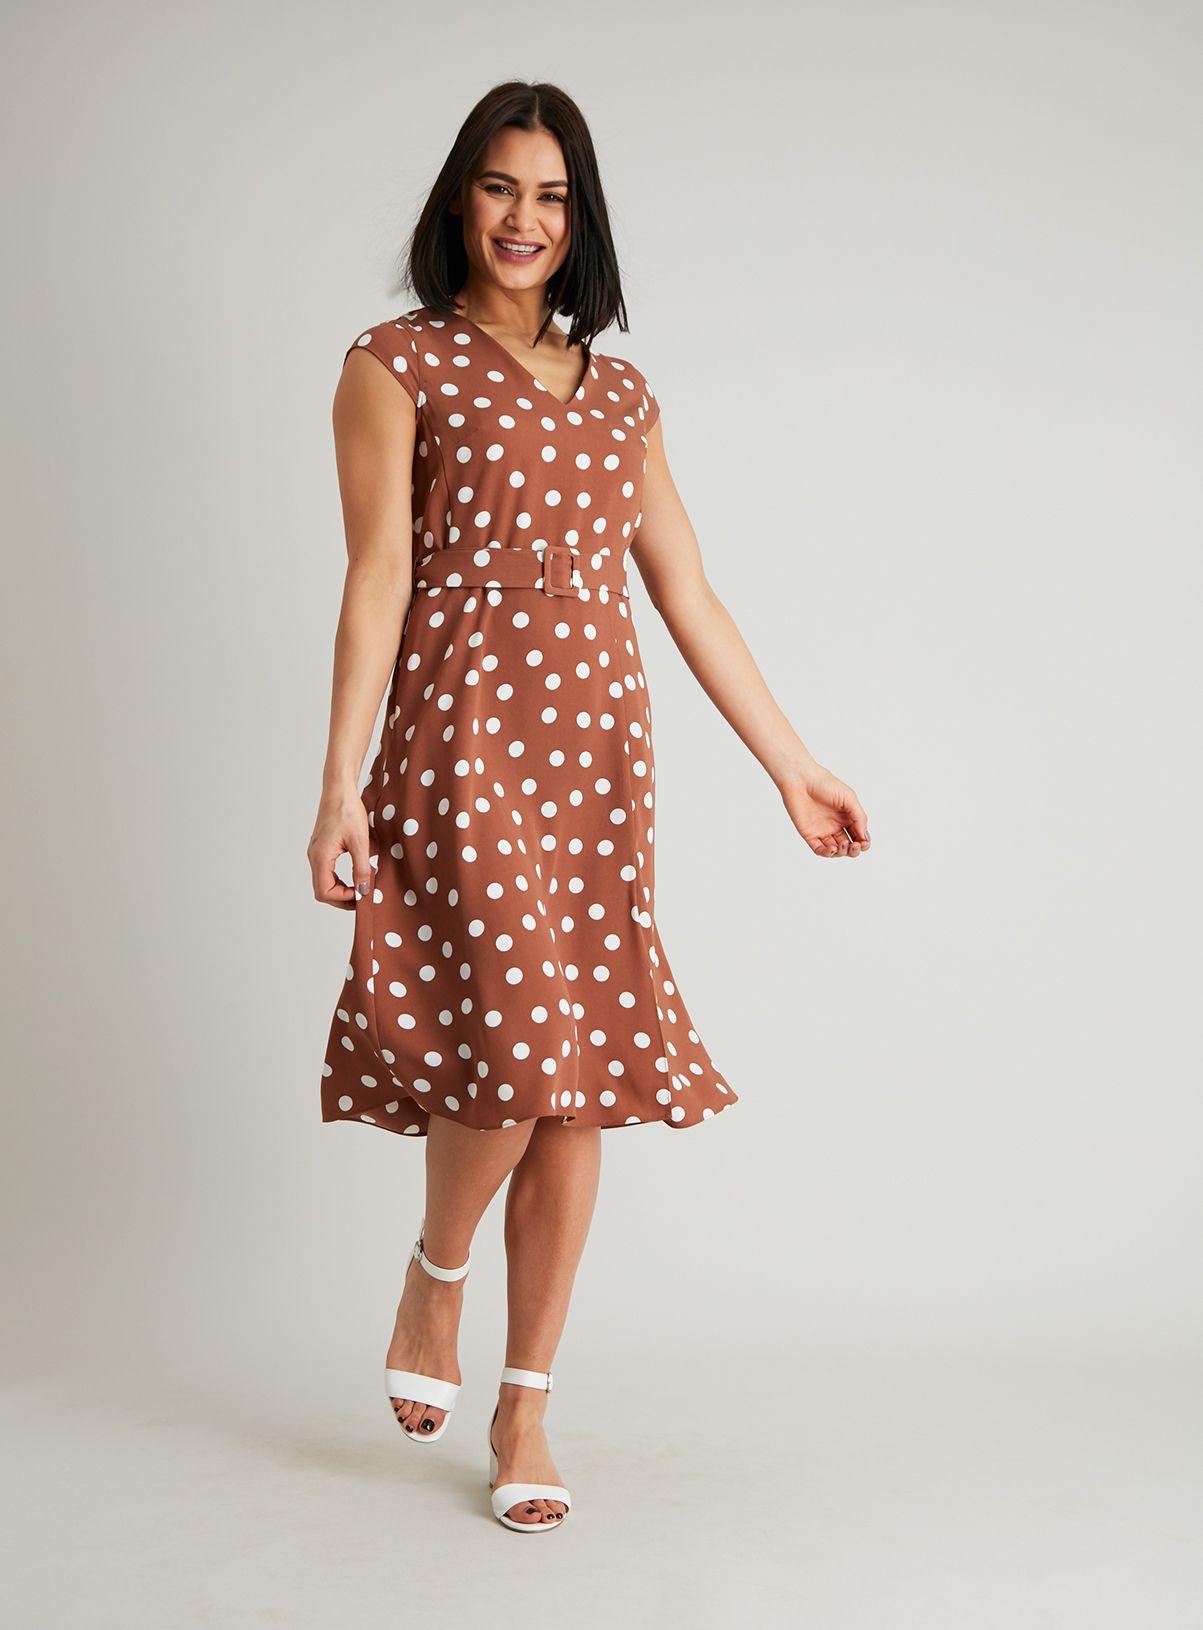 46++ Brown polka dot midi dress trends